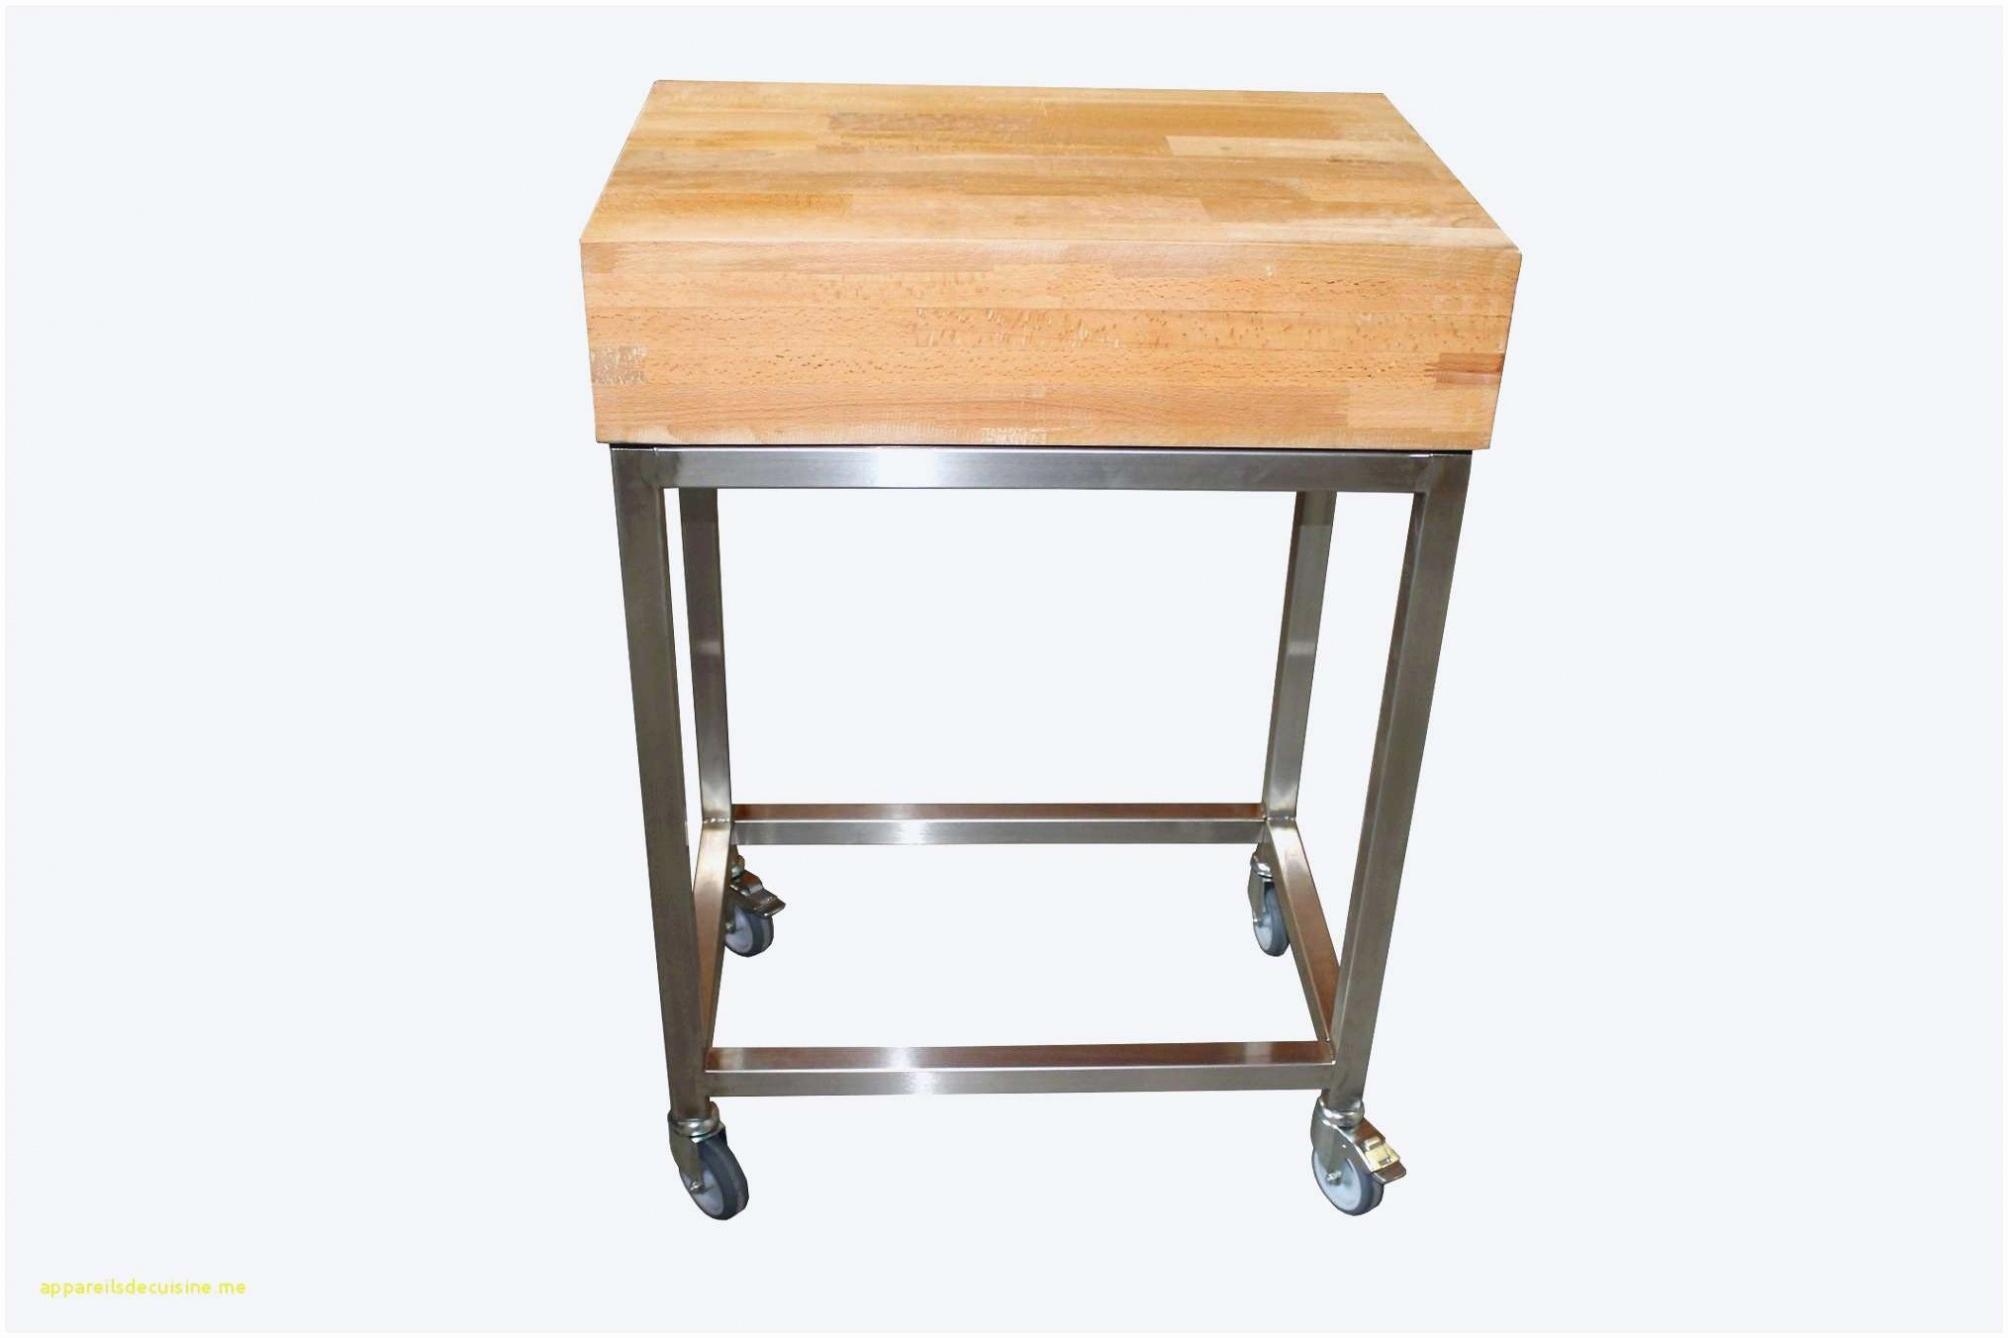 chaise pour terrasse beau 77 genial table jardin alinea de chaise pour terrasse